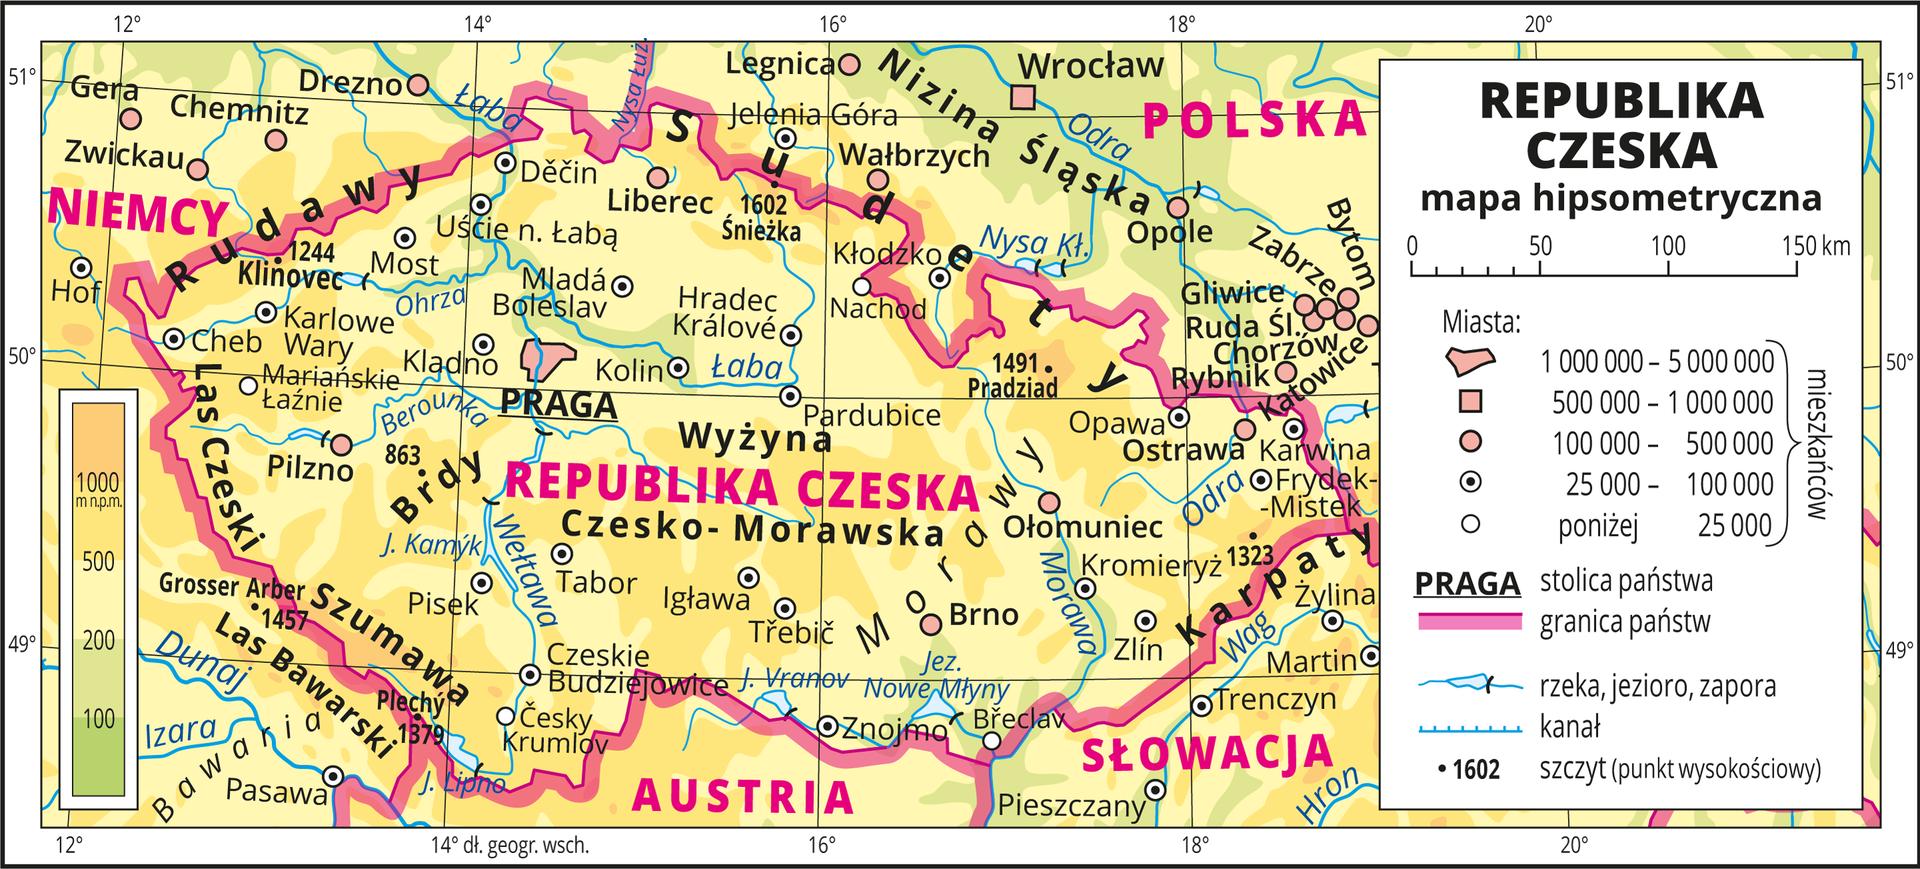 Ilustracja przedstawia mapę hipsometryczną Republiki Czeskiej. Wobrębie lądów występują obszary wkolorze zielonym, żółtym ipomarańczowym. Przeważają obszary wkolorze żółtym ipomarańczowym. Na mapie opisano nazwy nizin, wyżyn, pasm górskich irzek. Oznaczono iopisano główne miasta. Oznaczono czarnymi kropkami iopisano szczyty górskie. Różową wstążką oznaczono granice państw. Kolorem czerwonym opisano państwa sąsiadujące zRepubliką Czeską. Mapa pokryta jest równoleżnikami ipołudnikami. Dookoła mapy wbiałej ramce opisano współrzędne geograficzne co dwa stopnie. Wlegendzie umieszczono iopisano znaki użyte na mapie.